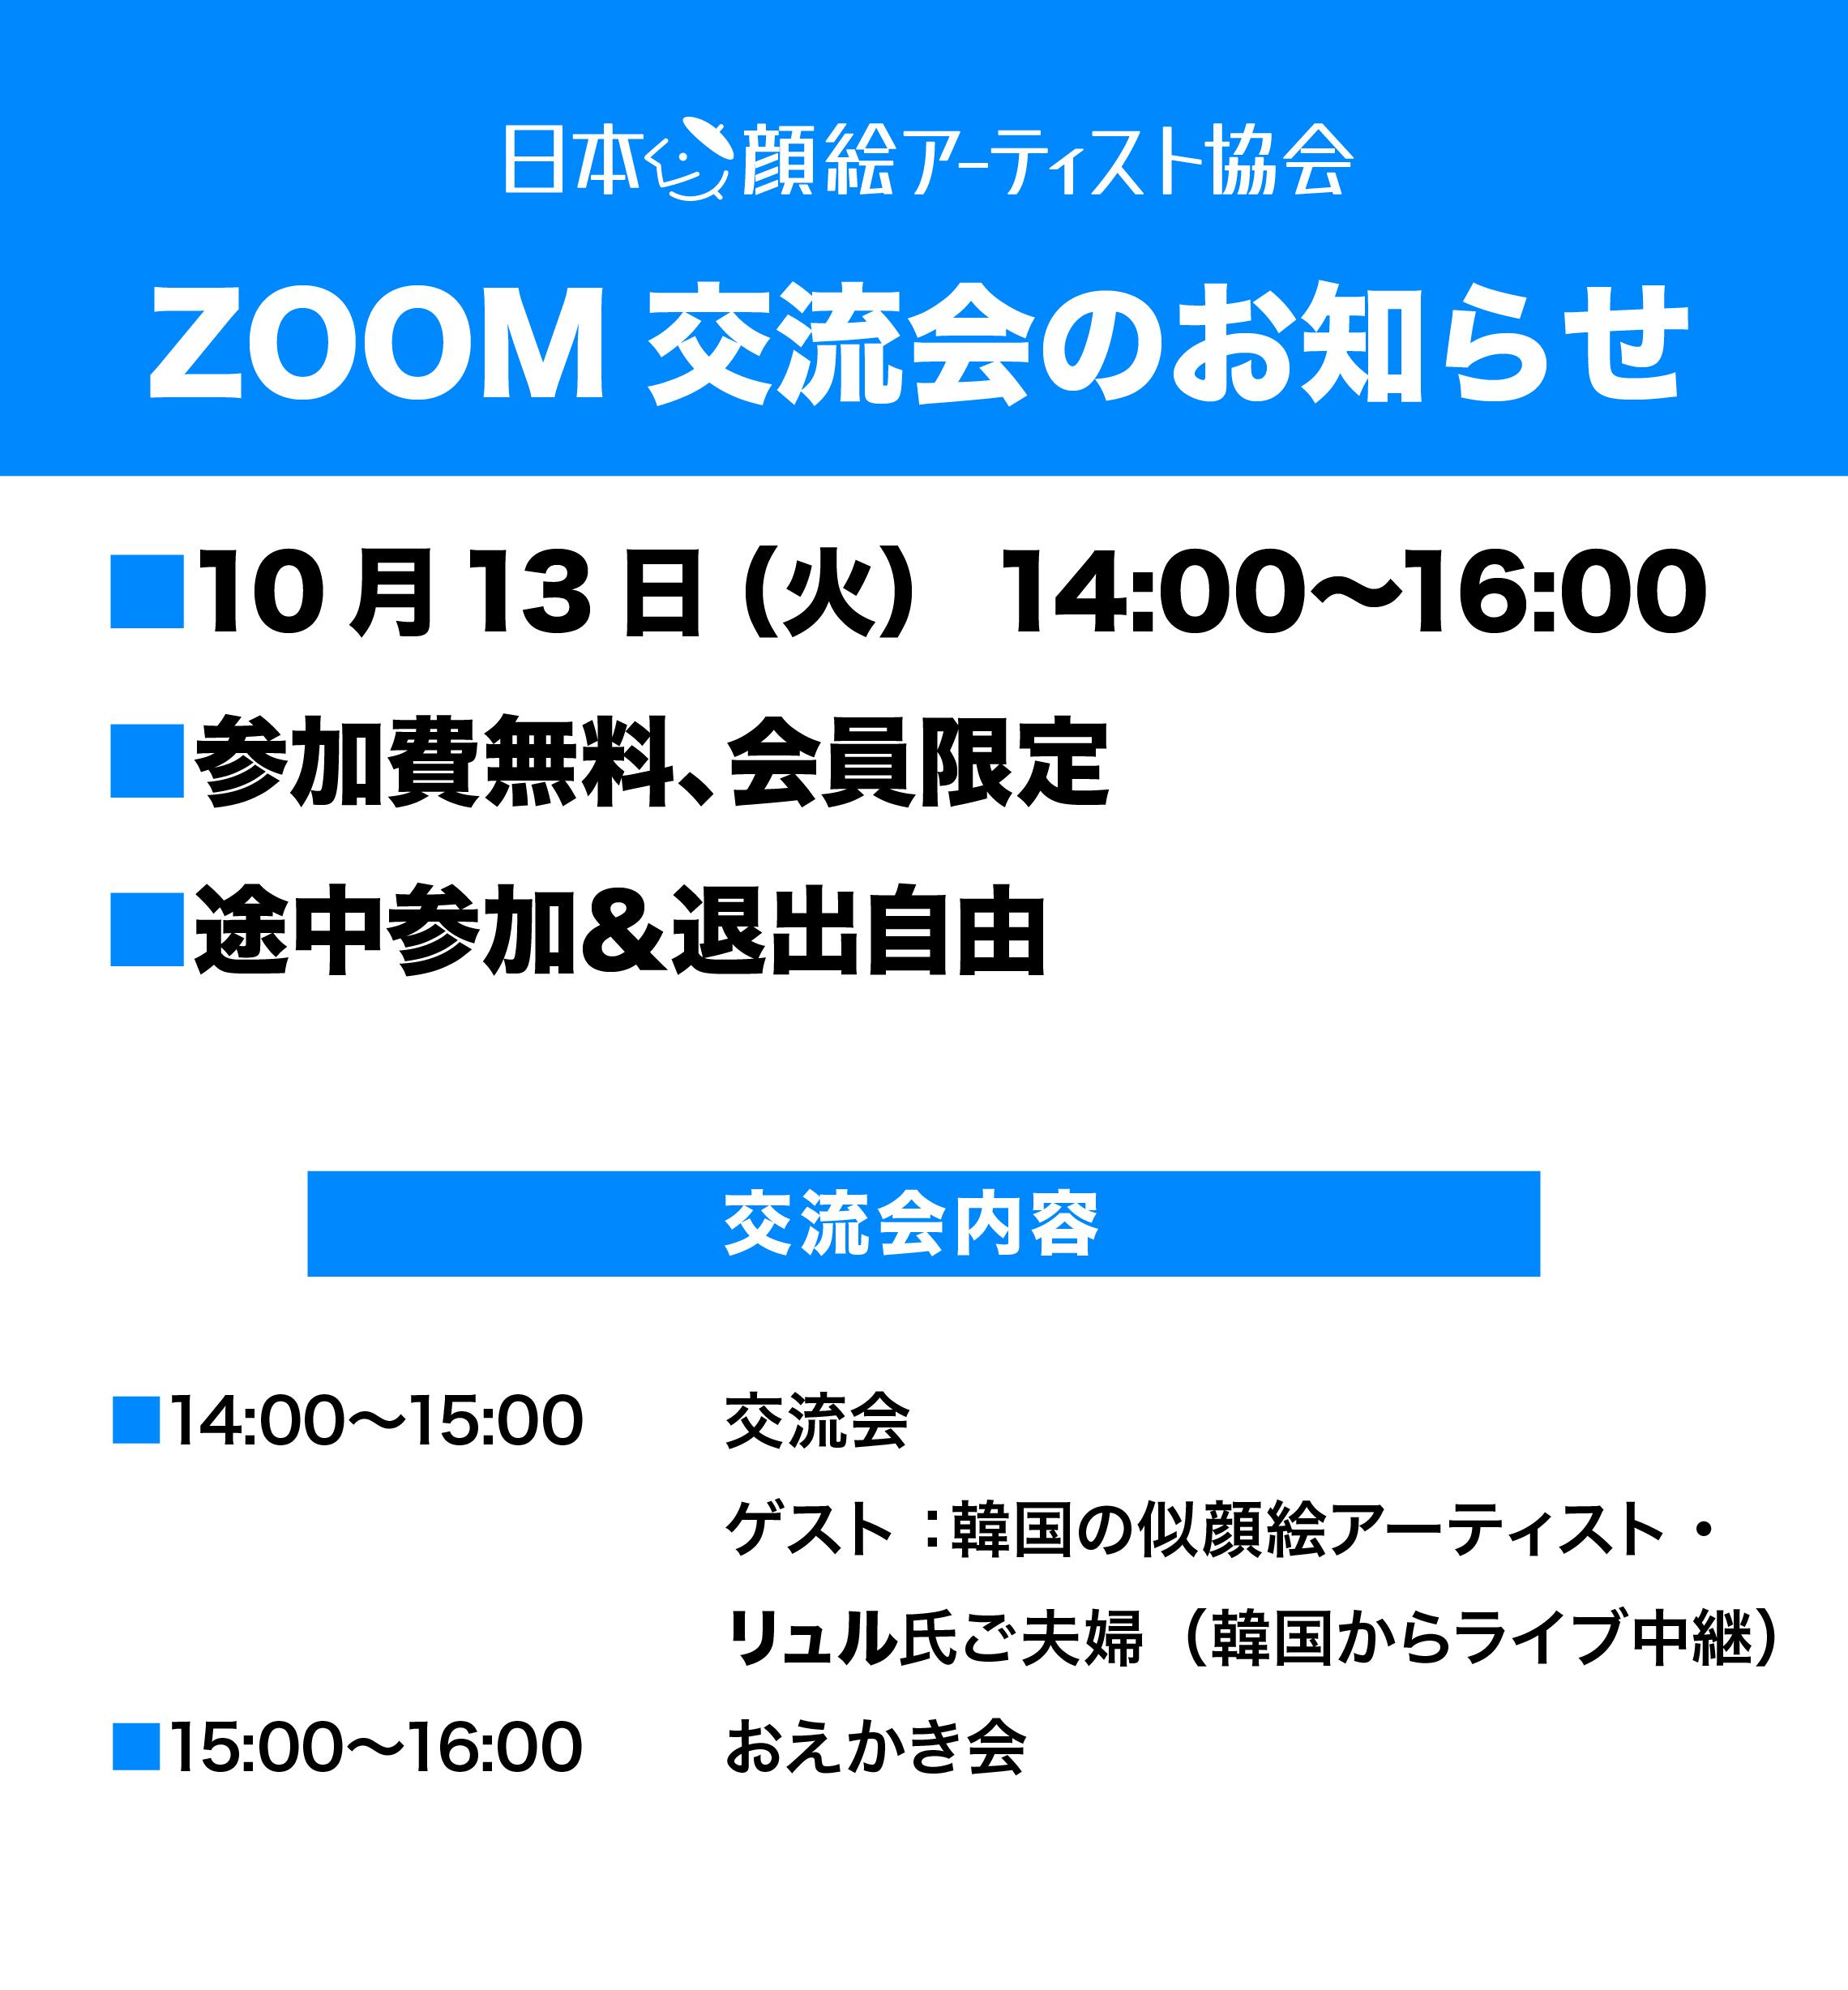 ZOOM交流会のお知らせ